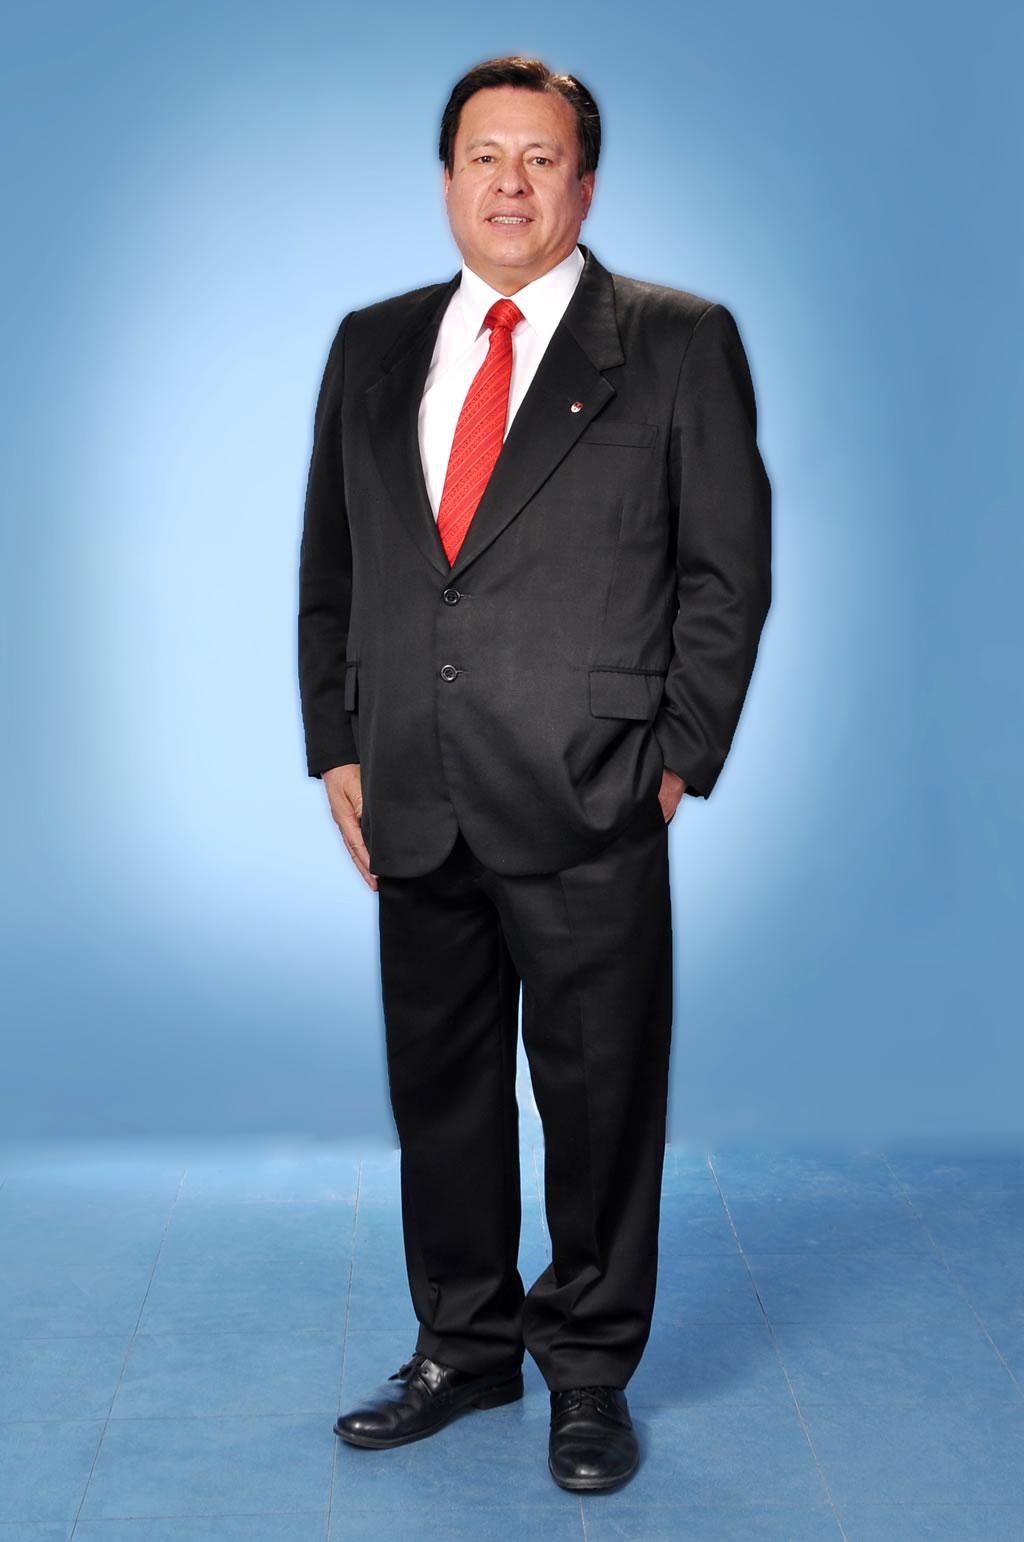 Dr. Gustavo Adolfo Tirado Villarroel